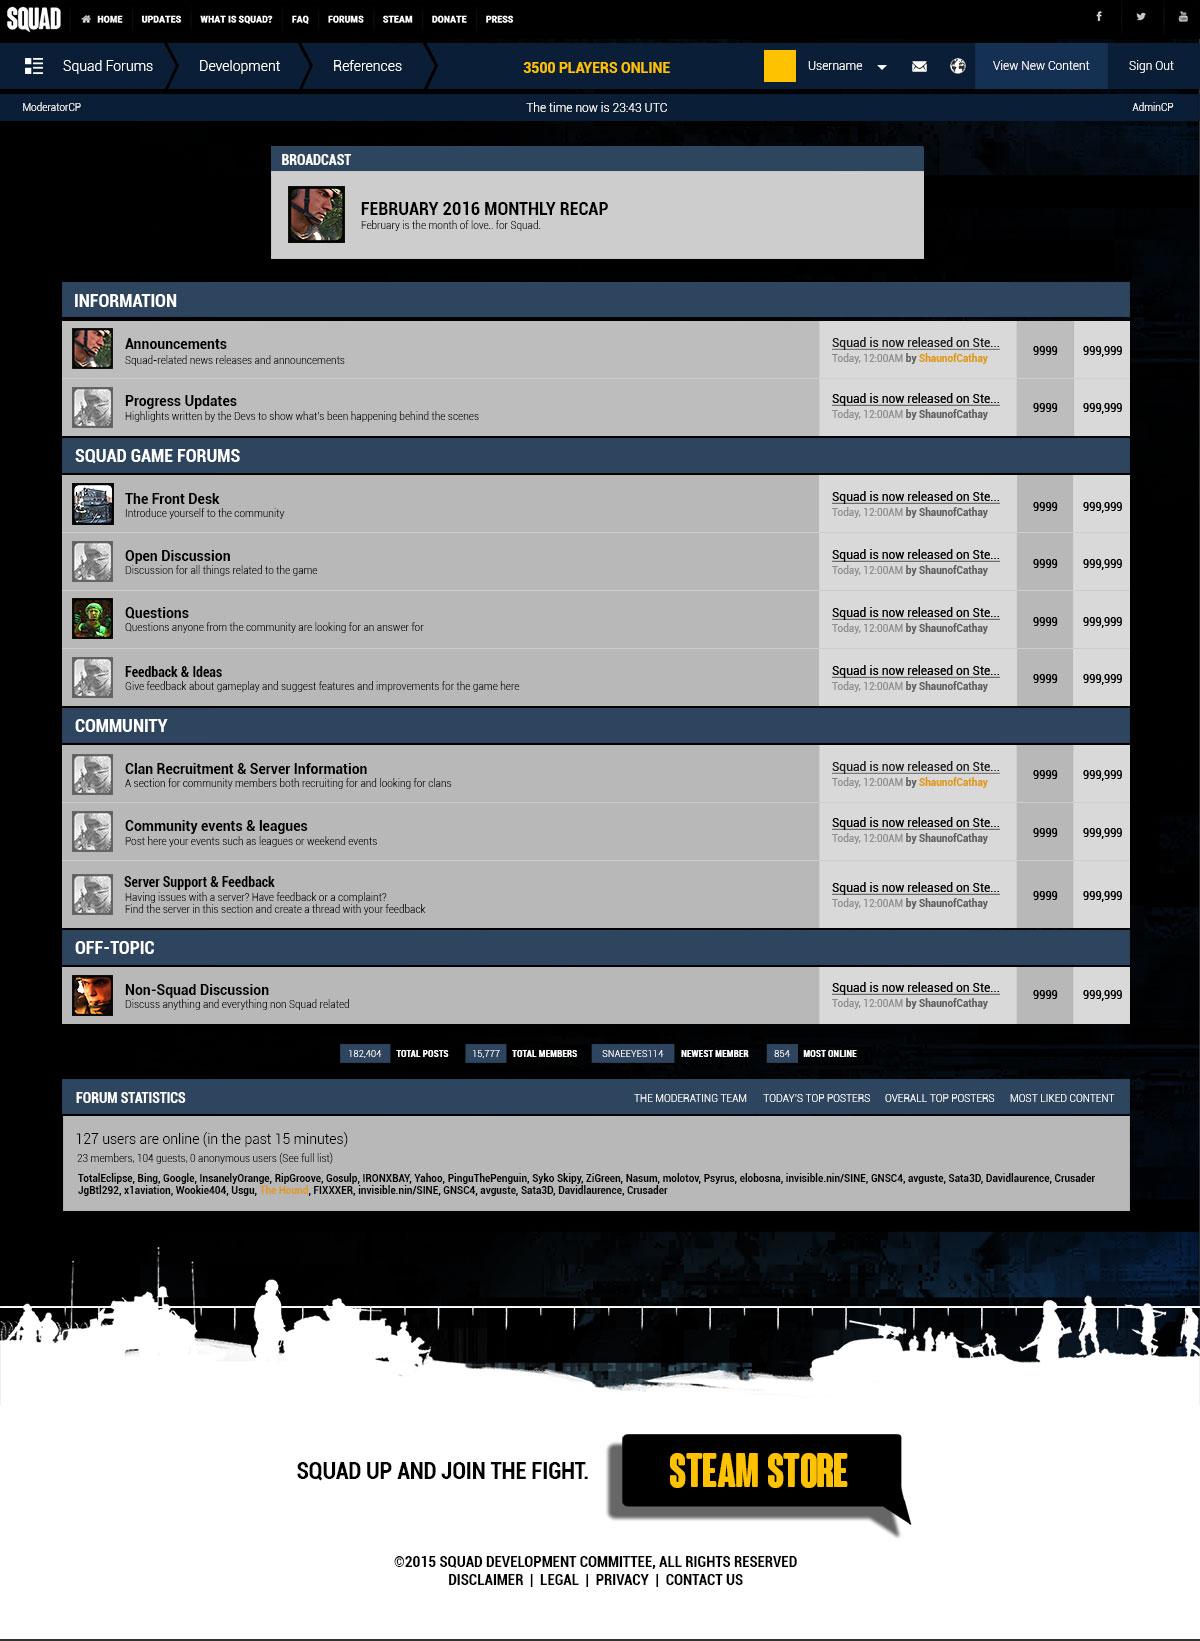 forums_design_v1.jpg